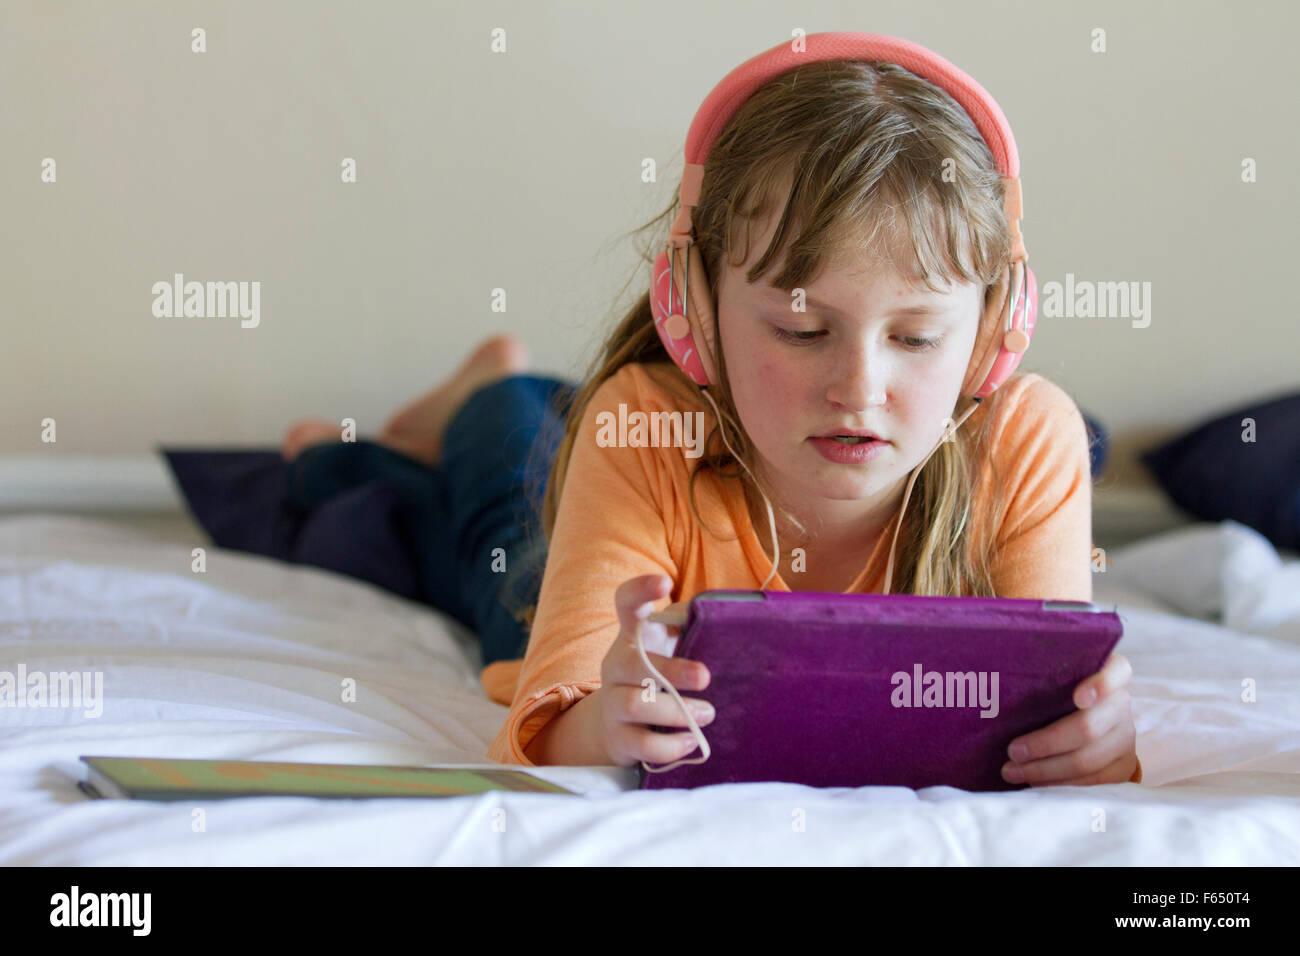 Chica trabajando en el iPad mini con auriculares rosa Imagen De Stock